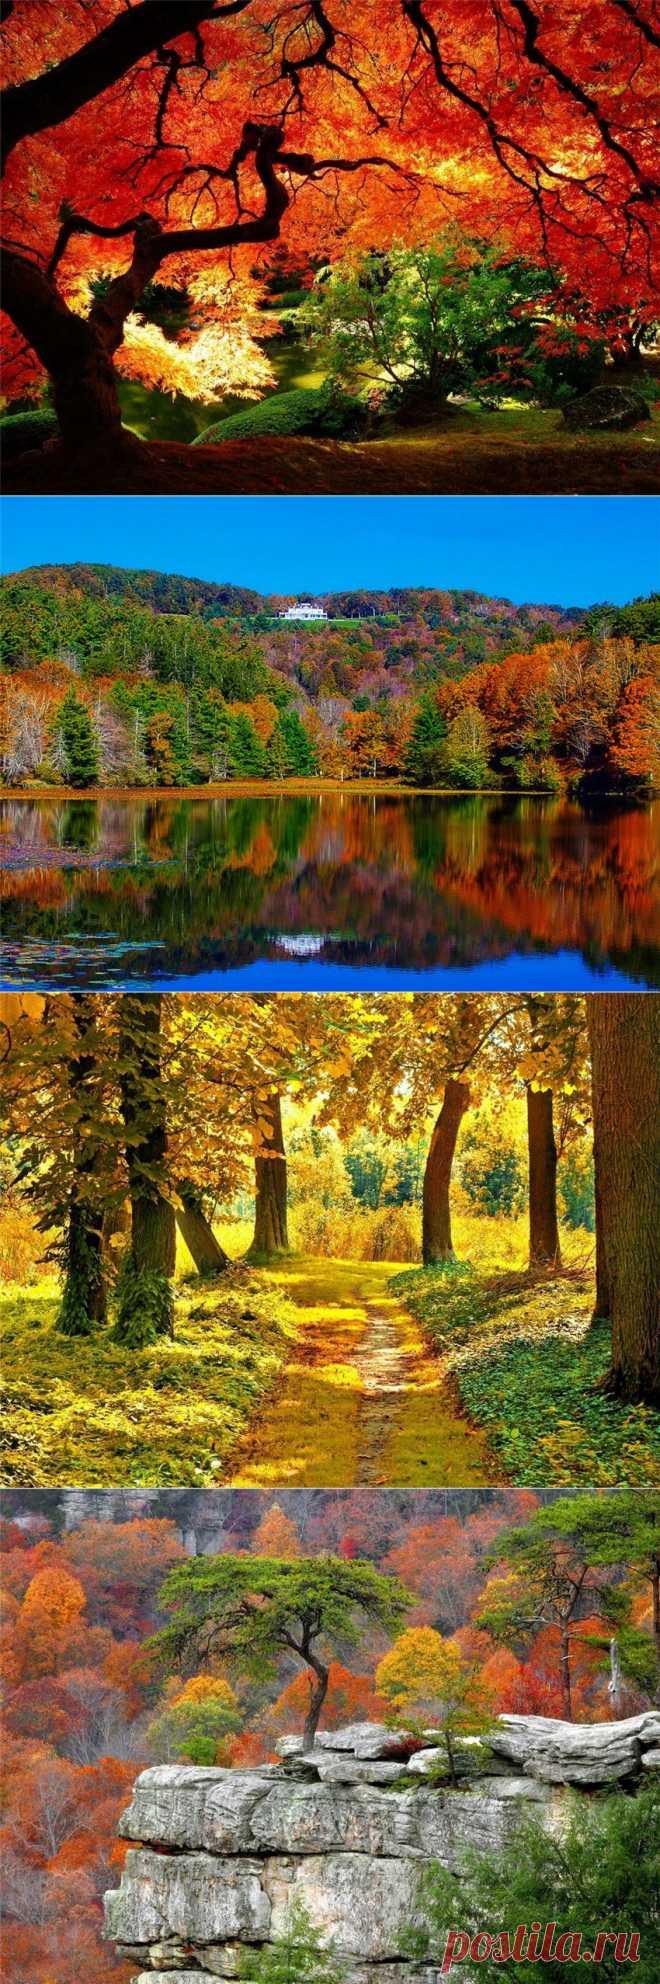 Осени чудесная пора....